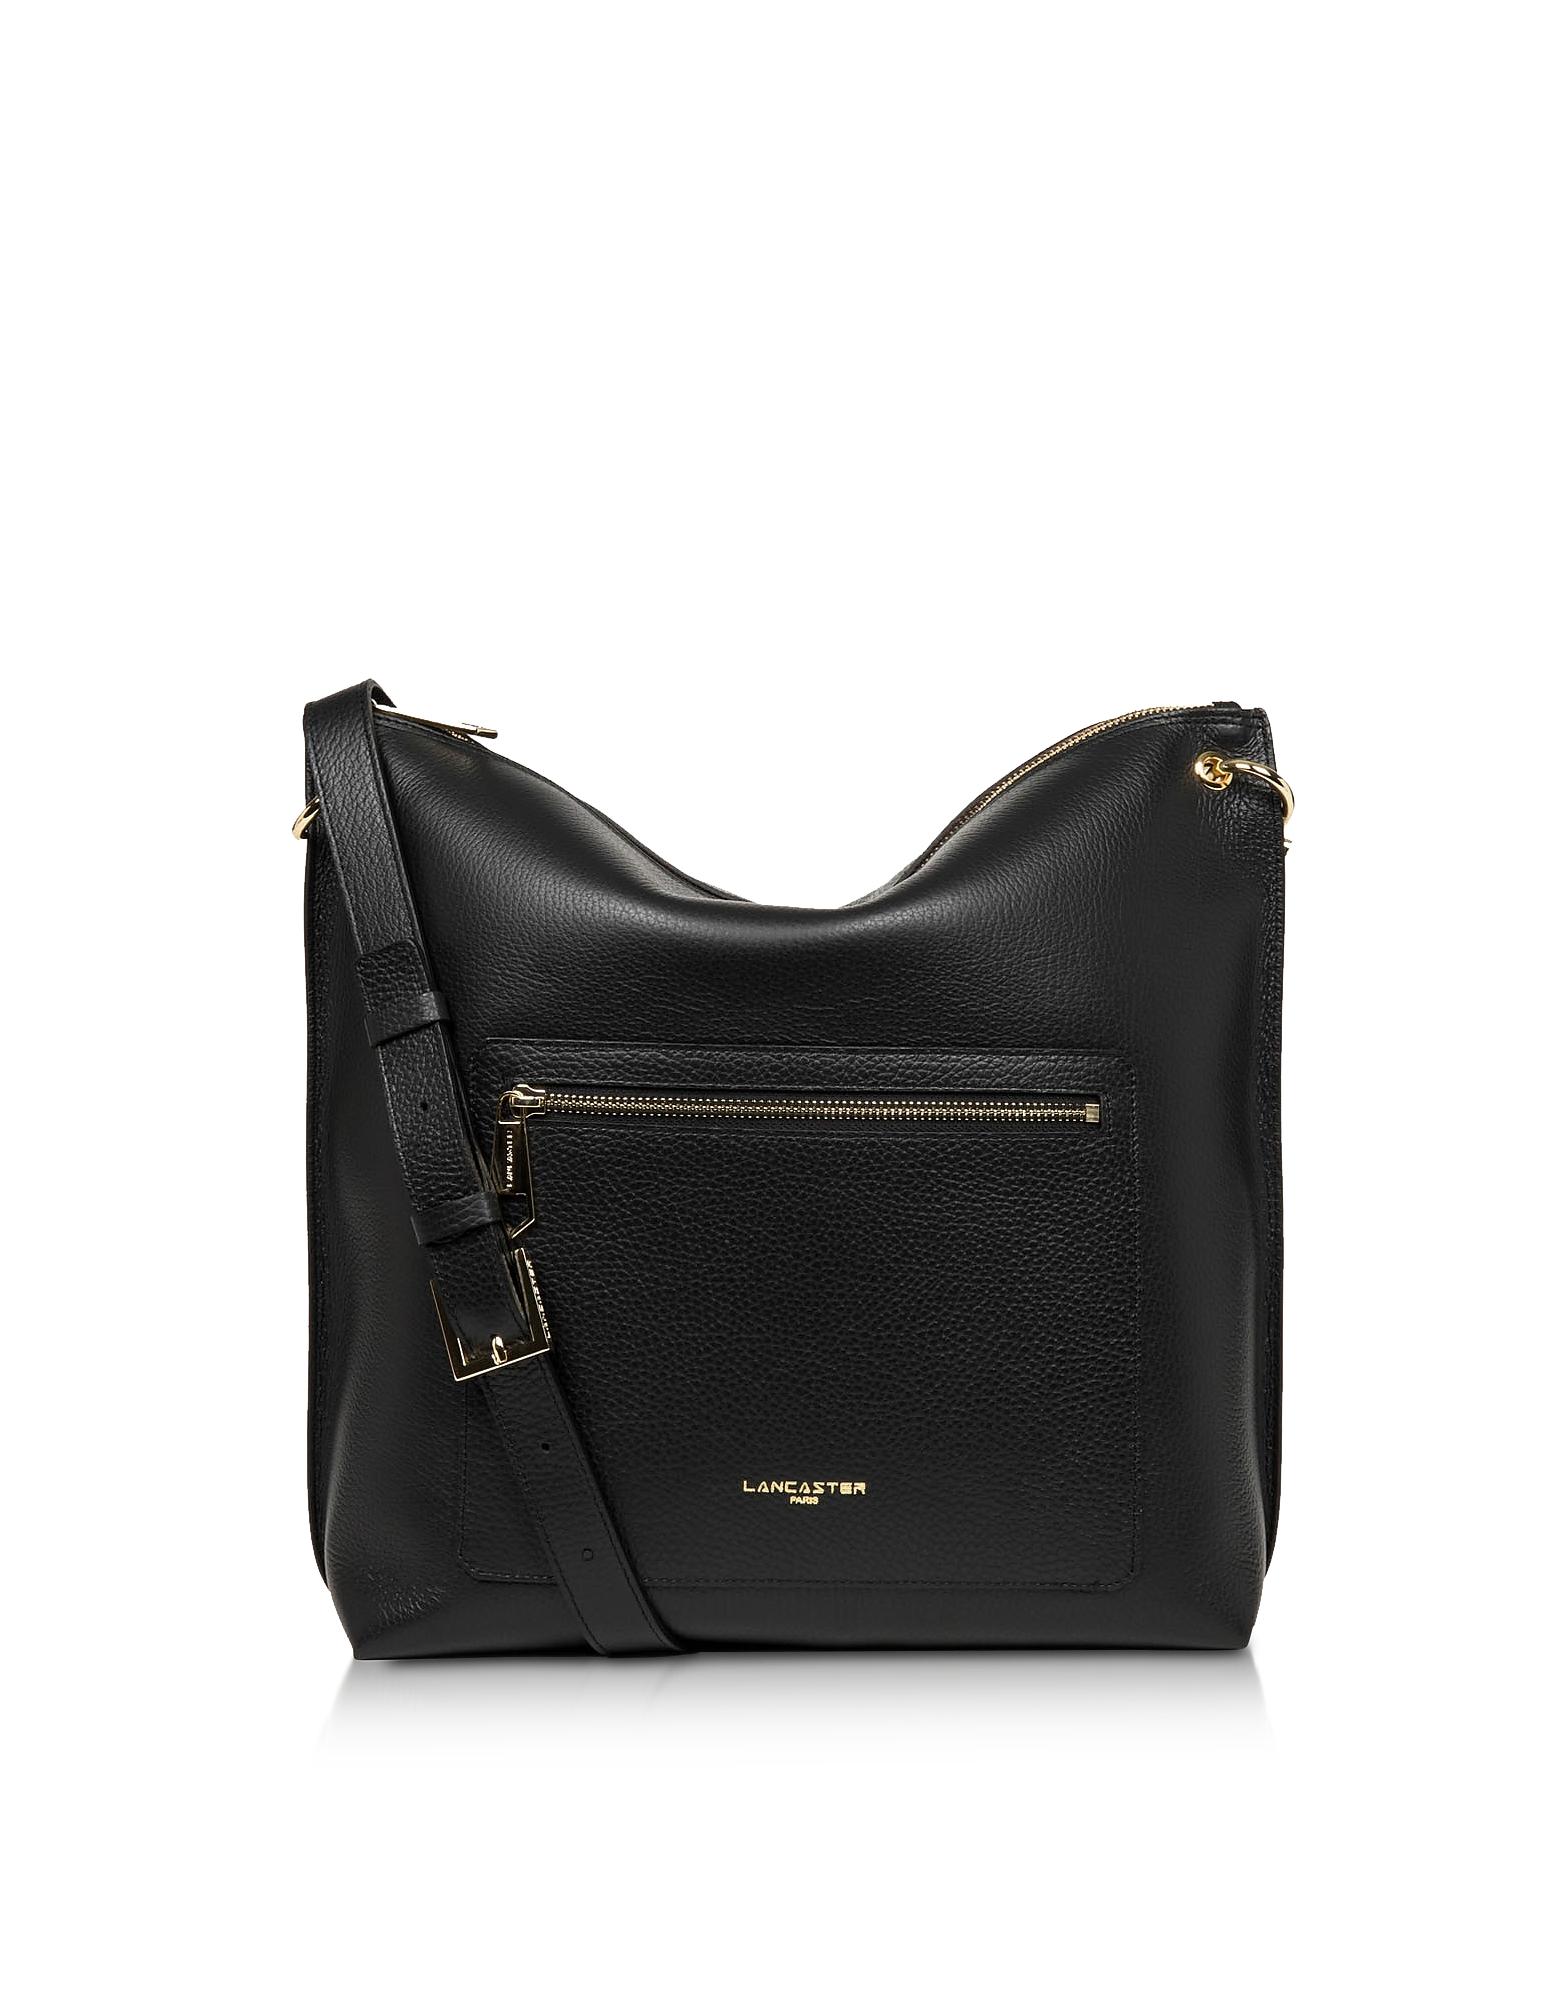 Lancaster Paris Designer Handbags, Foulonne Double Black Grained Cow Leather Bucket Bag